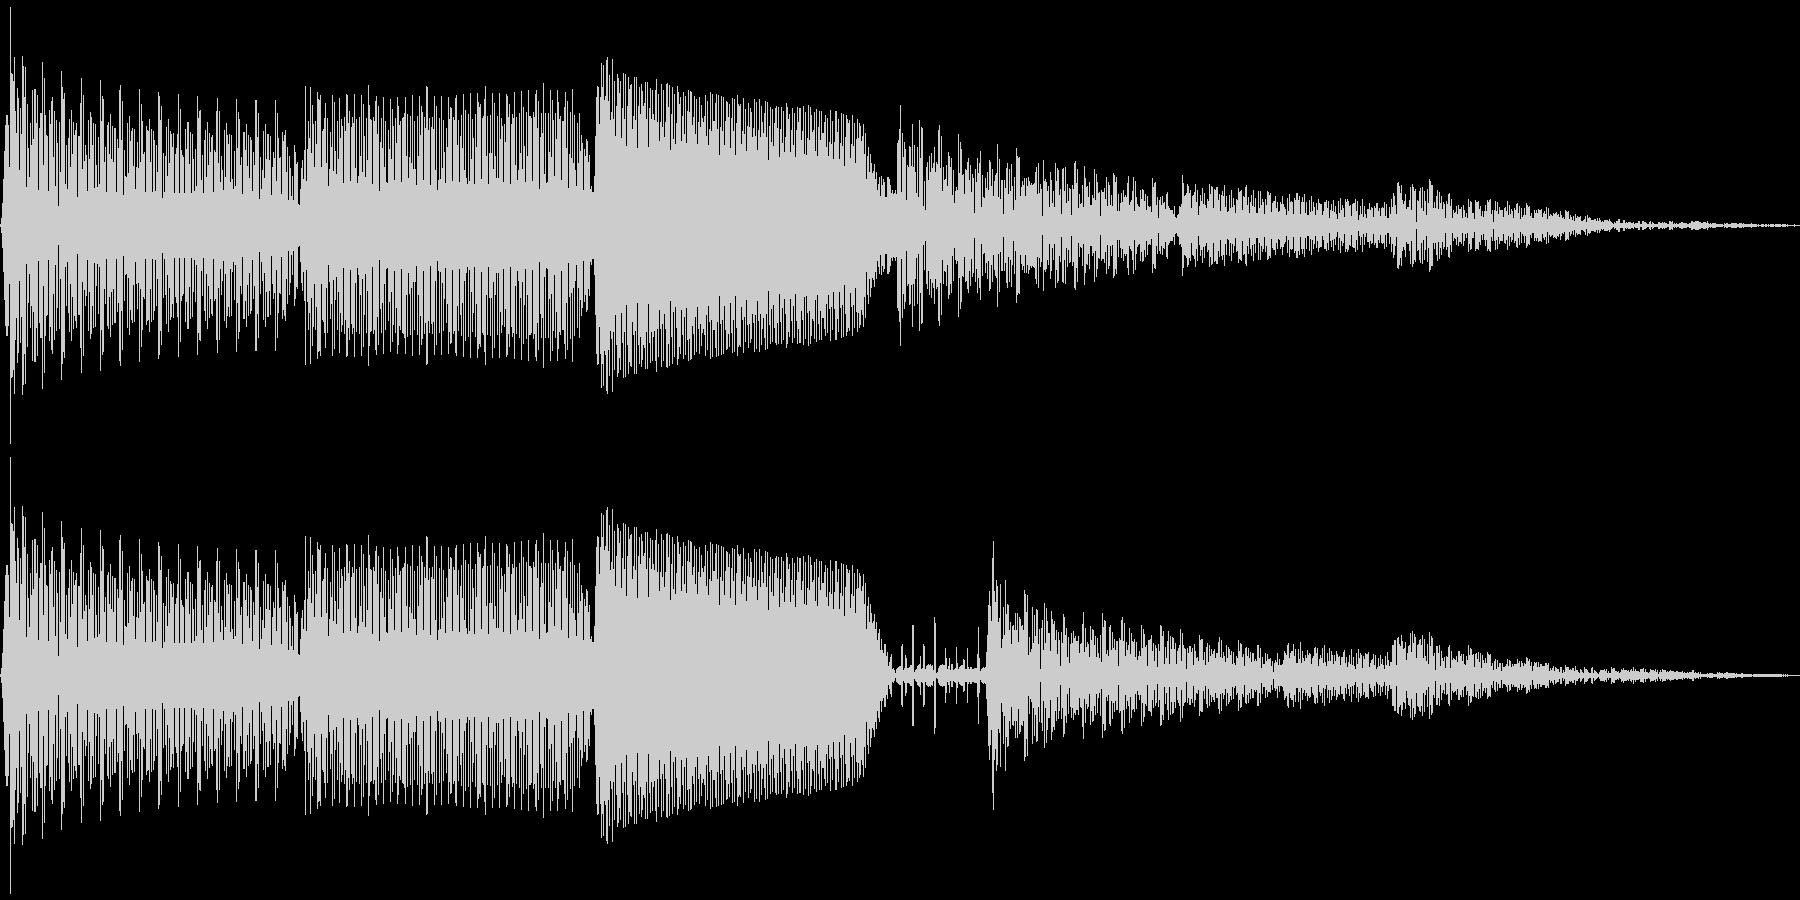 ピロン(カーソル移動 決定 キャンセル)の未再生の波形